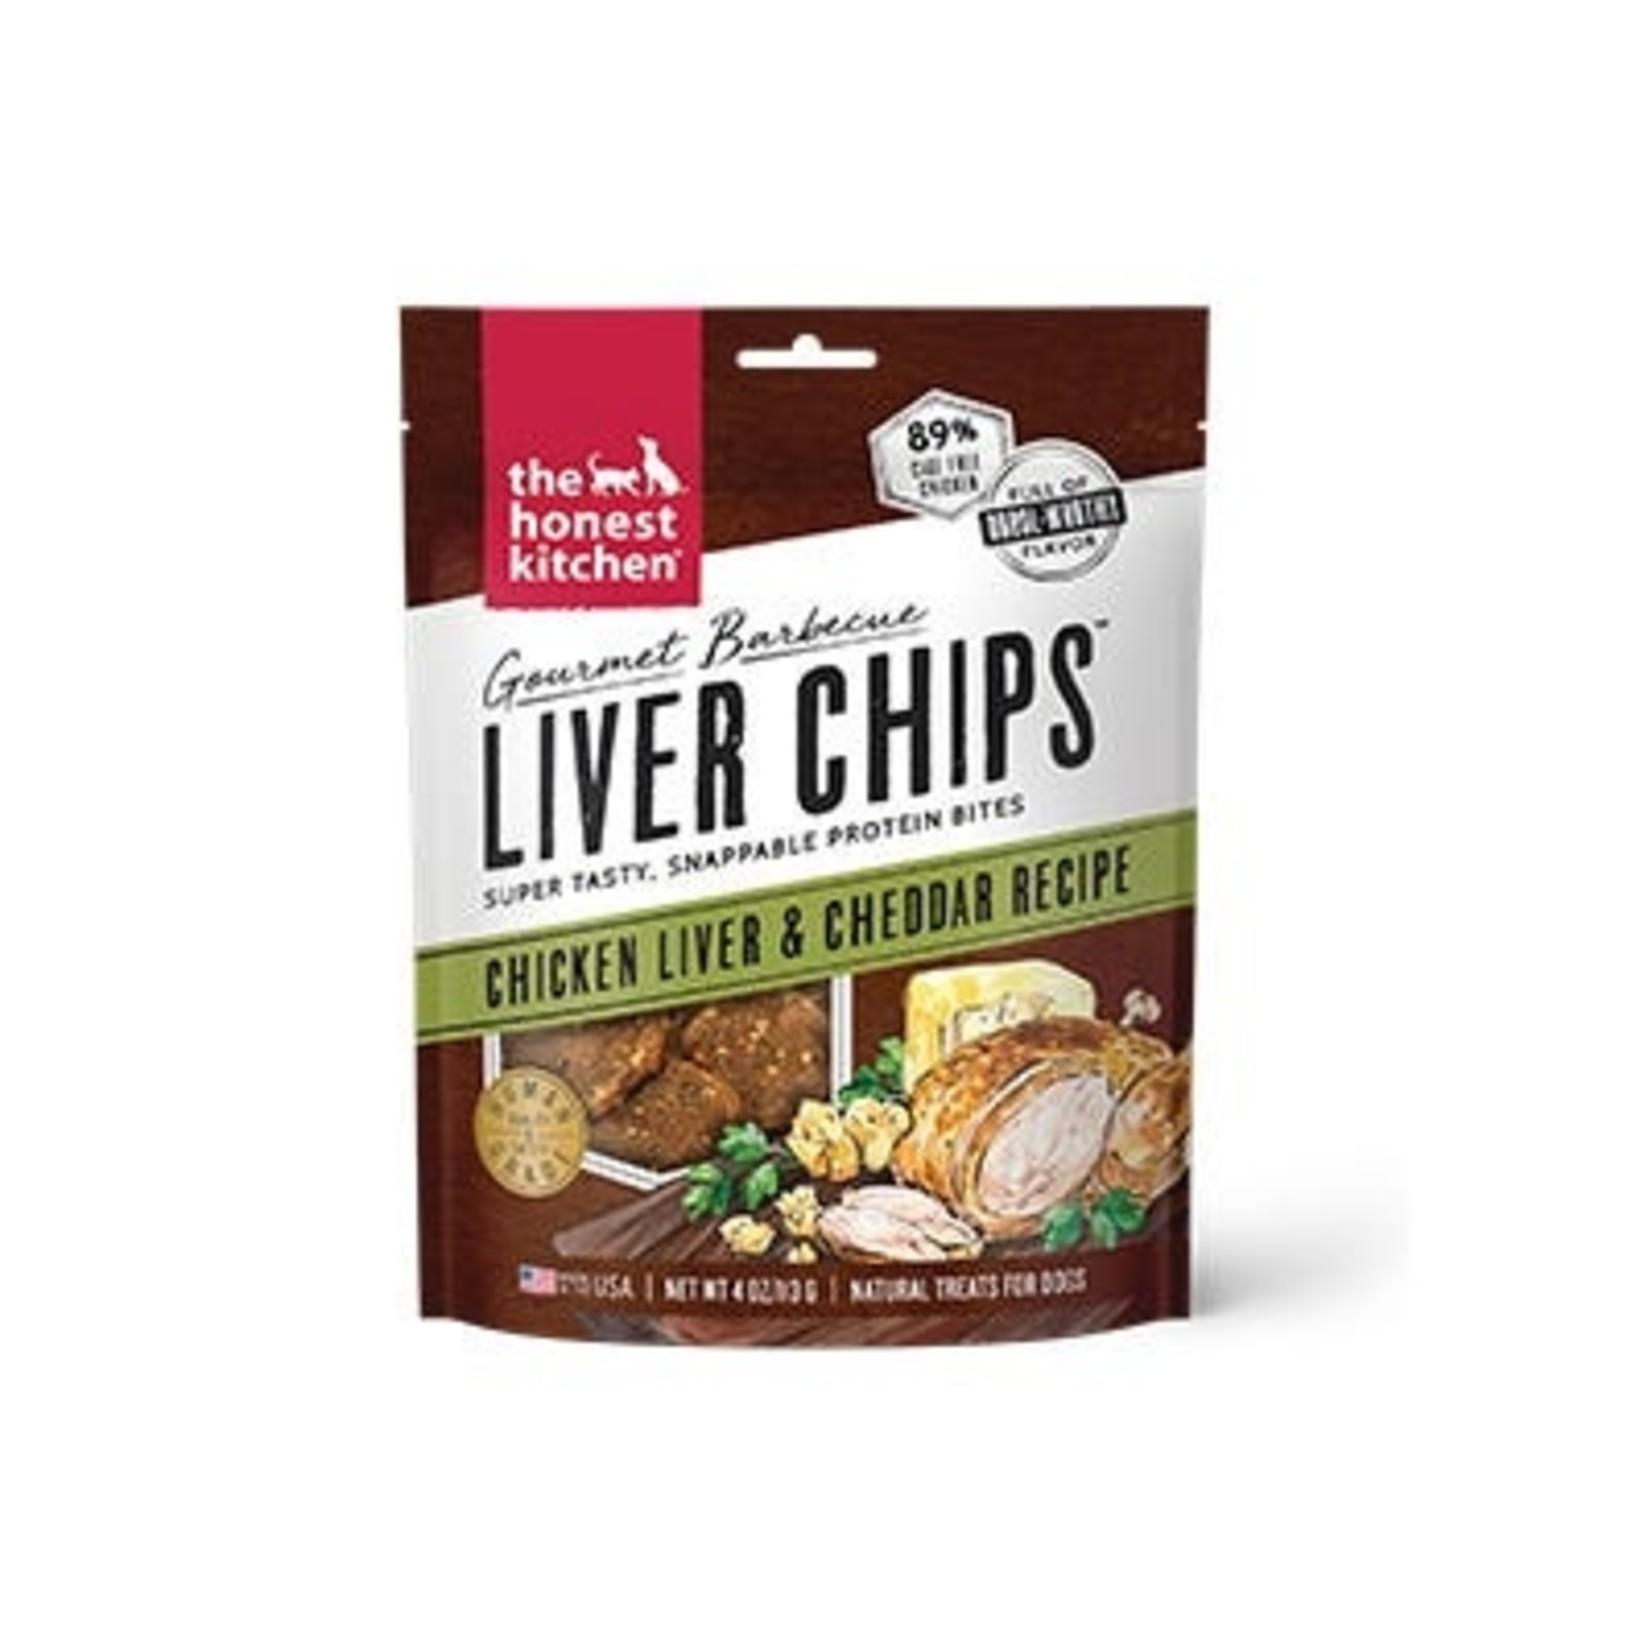 Honest Kitchen The Honest Kitchen Gourmet Barbecue Liver Chips Chicken & Cheddar Dog Treats 4oz